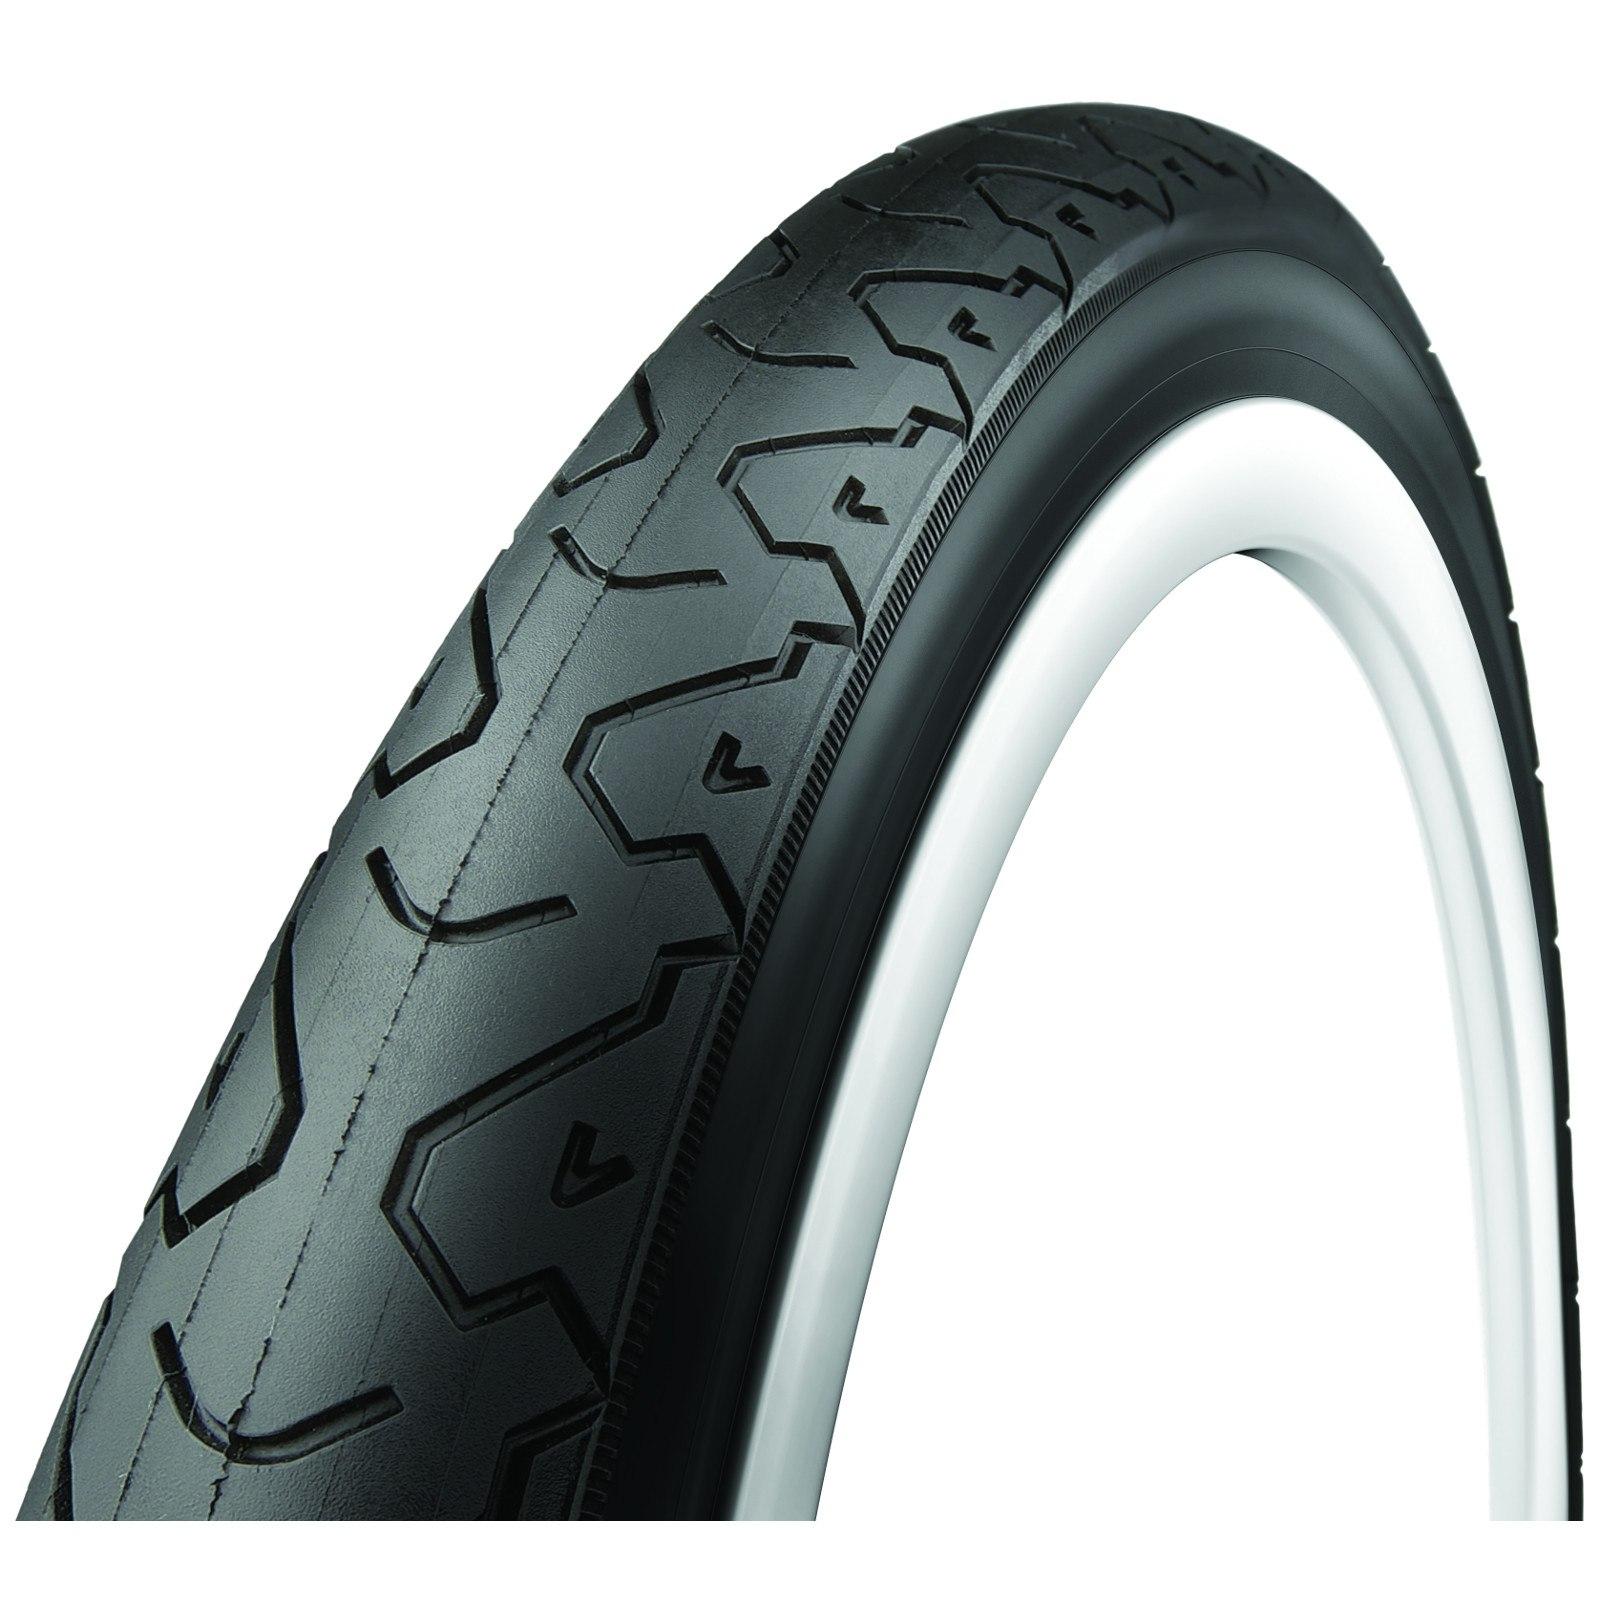 Vittoria Roadster Wire Bead Tire - 29x1.5 Inches - black - ETRTO 38-622